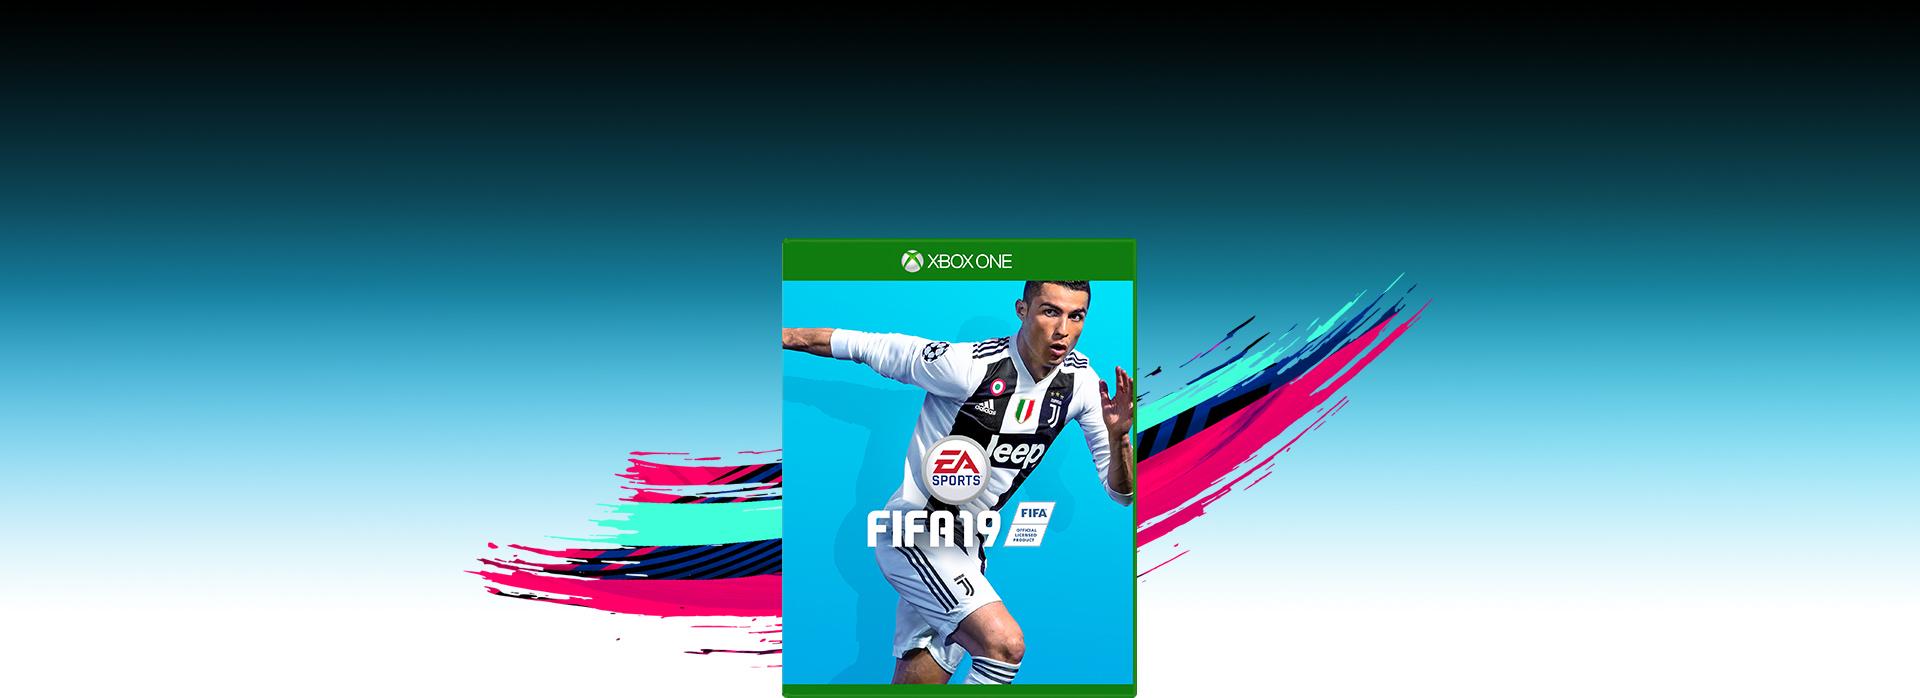 FIFA19-coverbilde